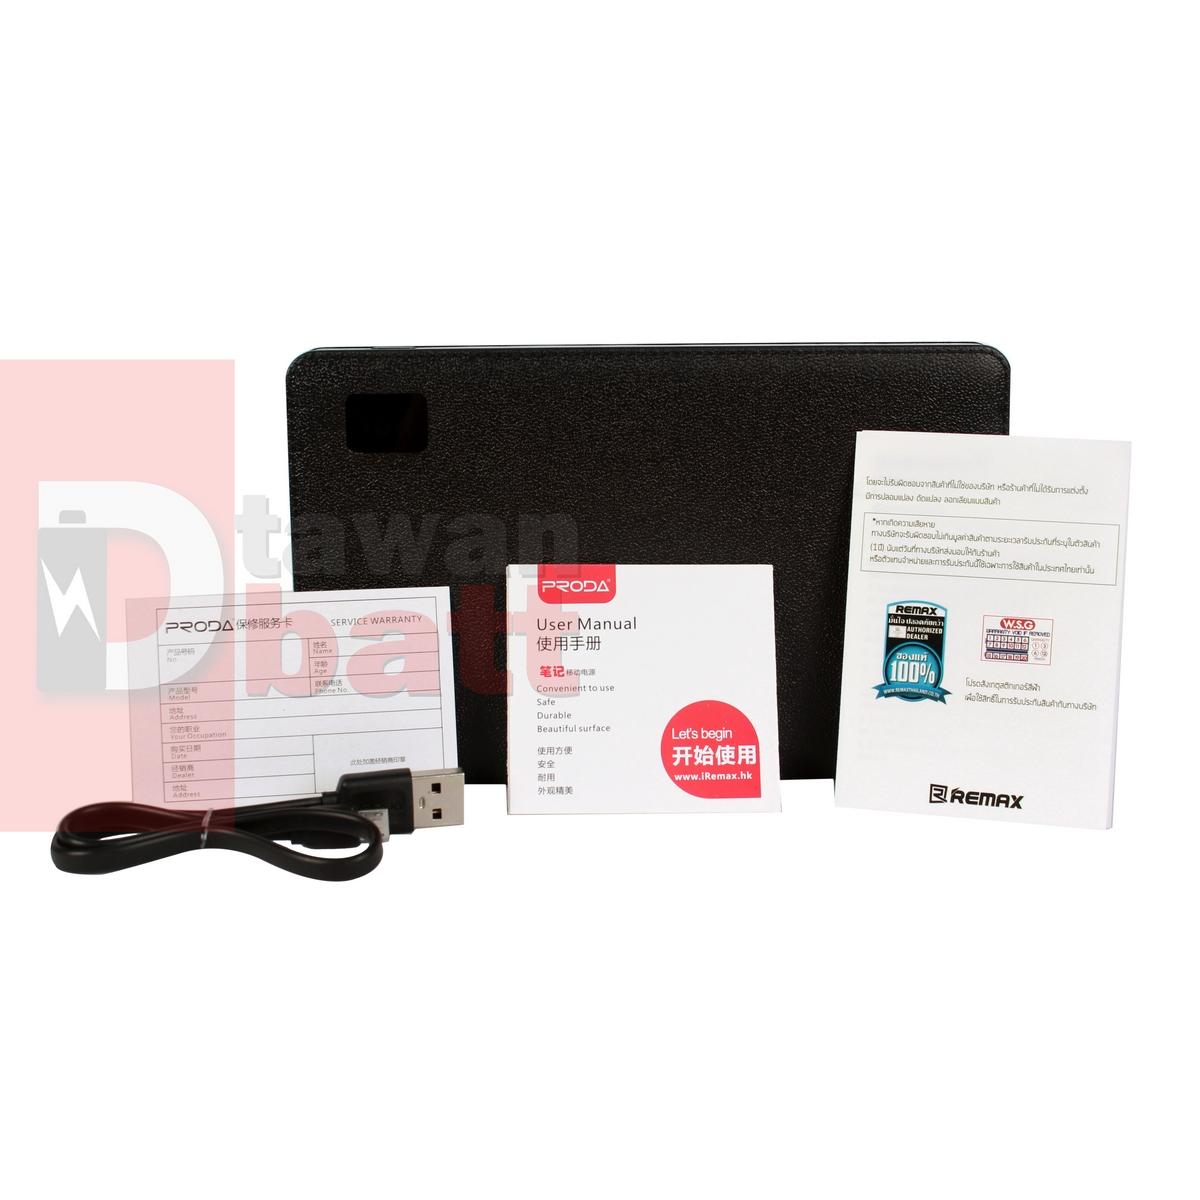 พาวเวอร์แบงค์ Remax Proda,แบตสำรอง Remax Proda,powerbank Remax Proda 30000mah รุ่น notebook ของแท้ 100% (สี้ดำ)